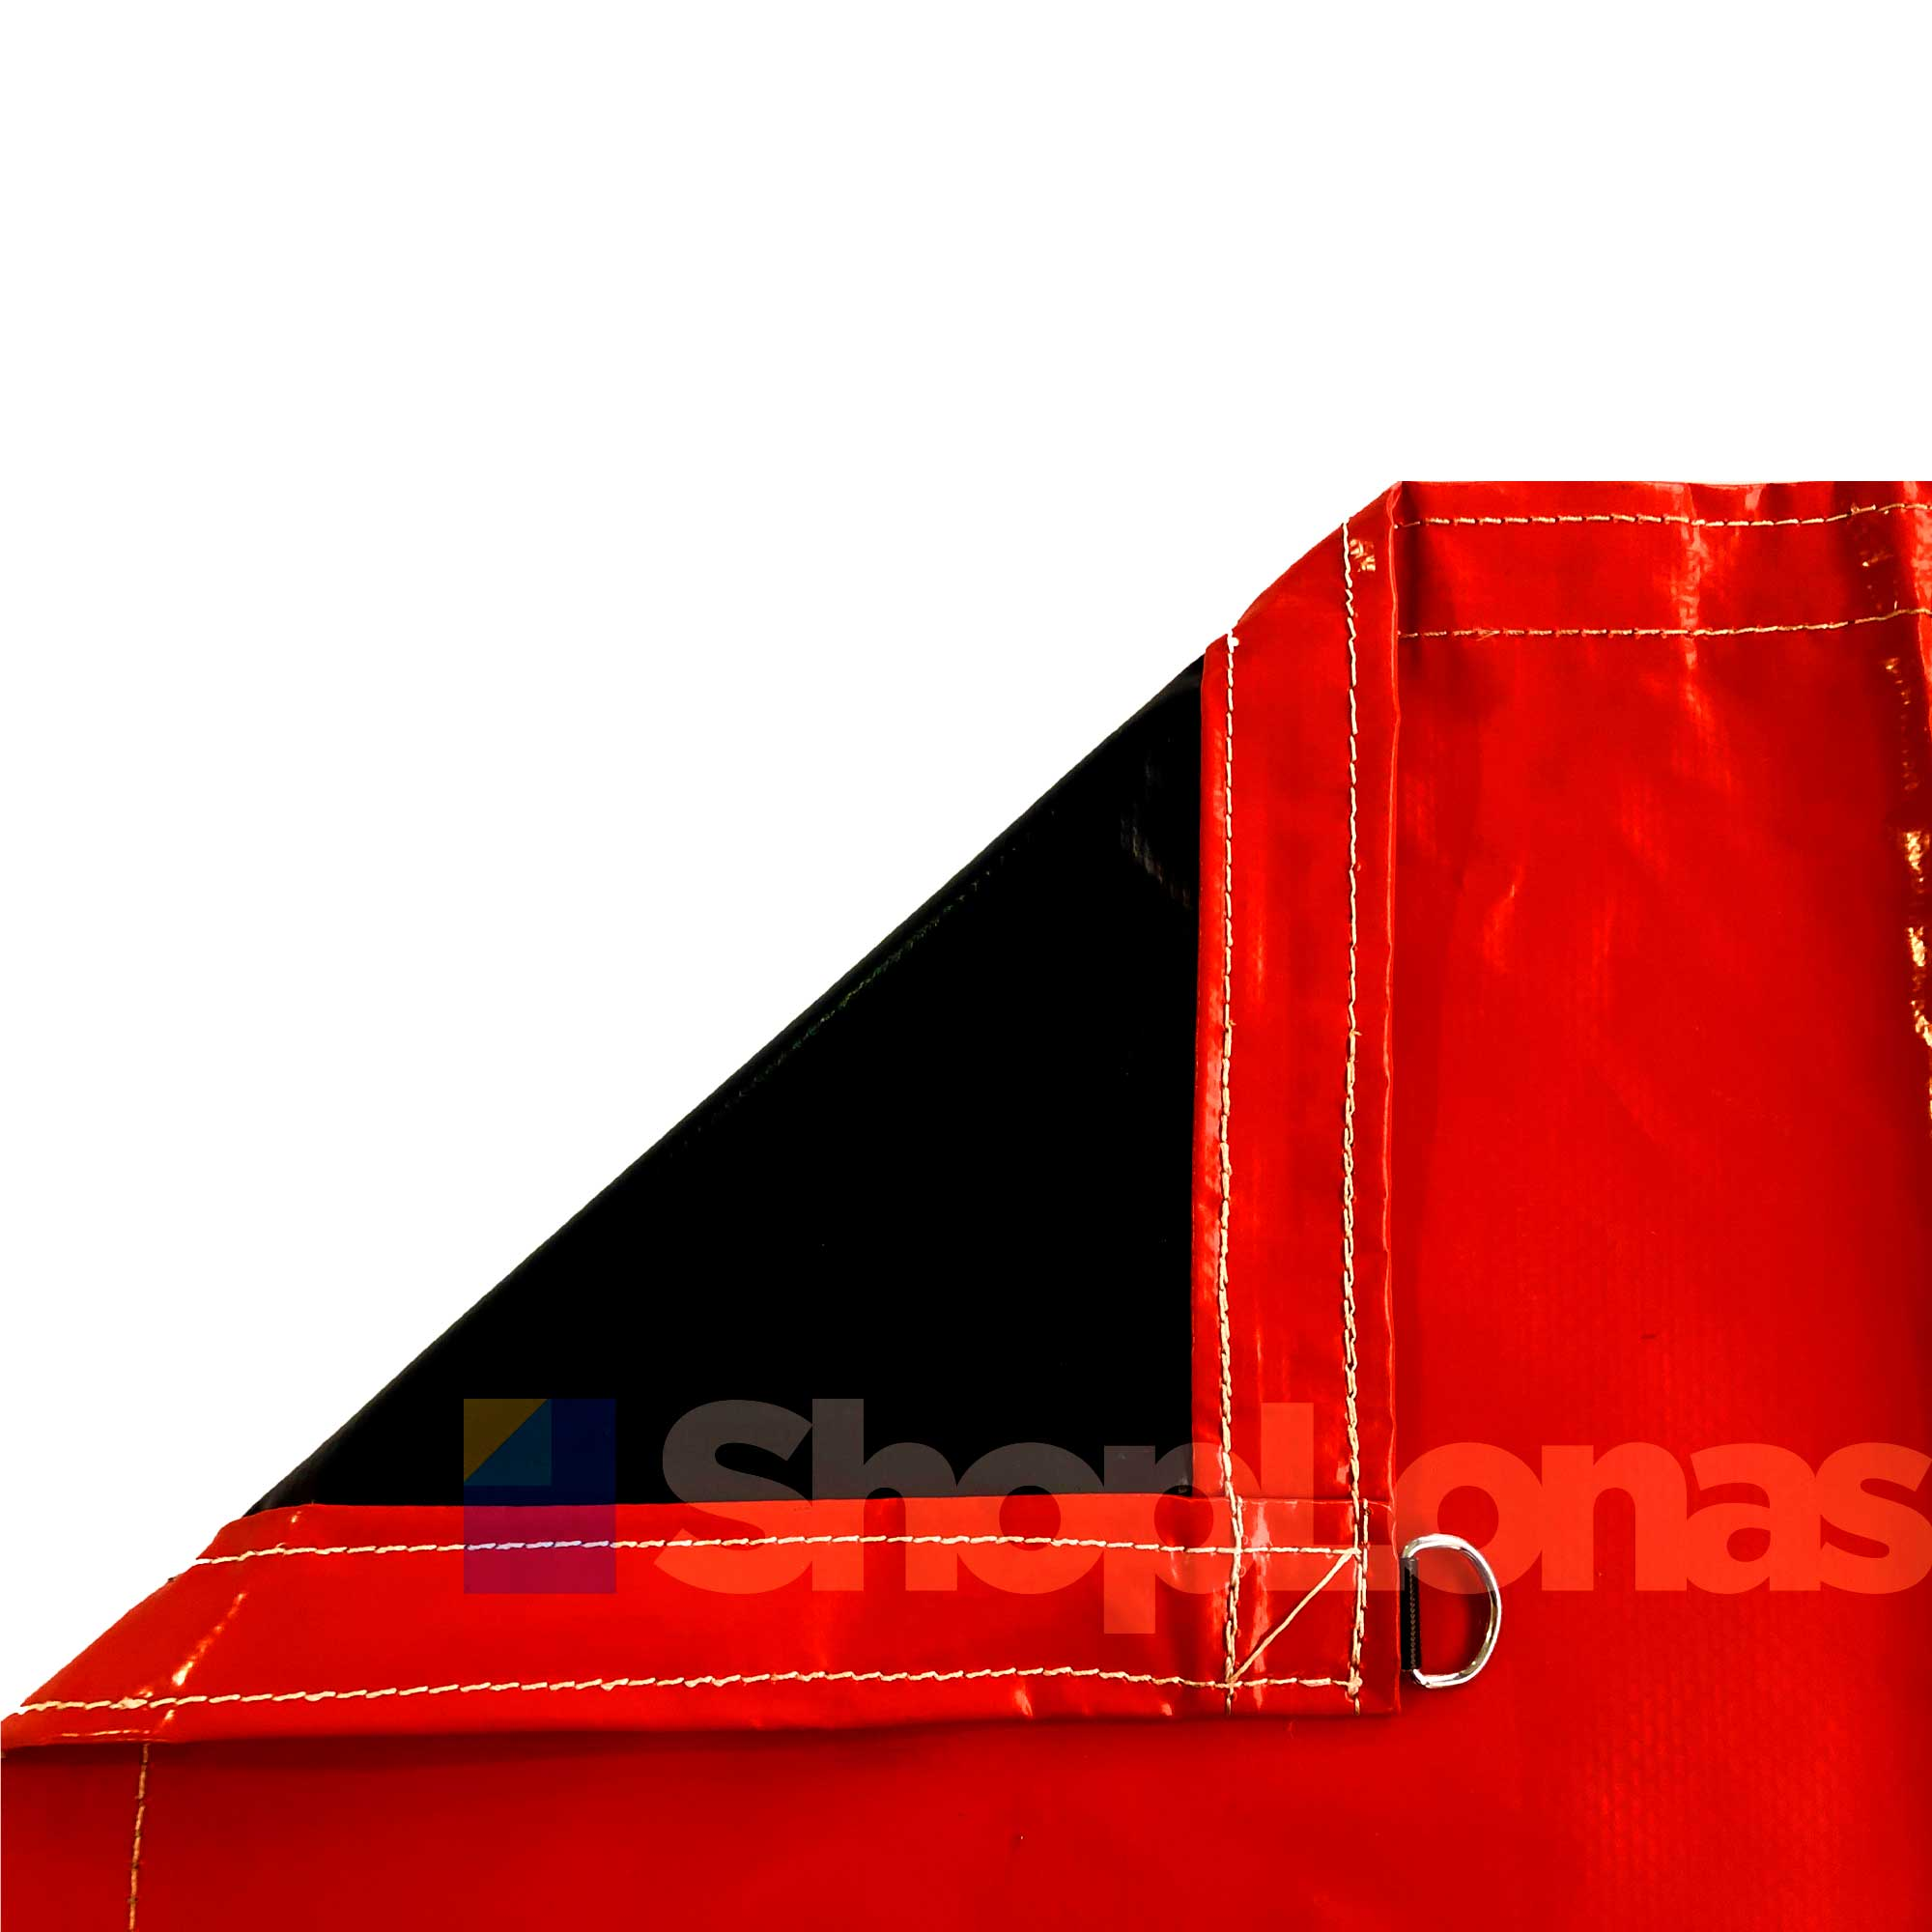 Lona Caminhão Vermelho/Preto Emborrachada PVC 8x4m